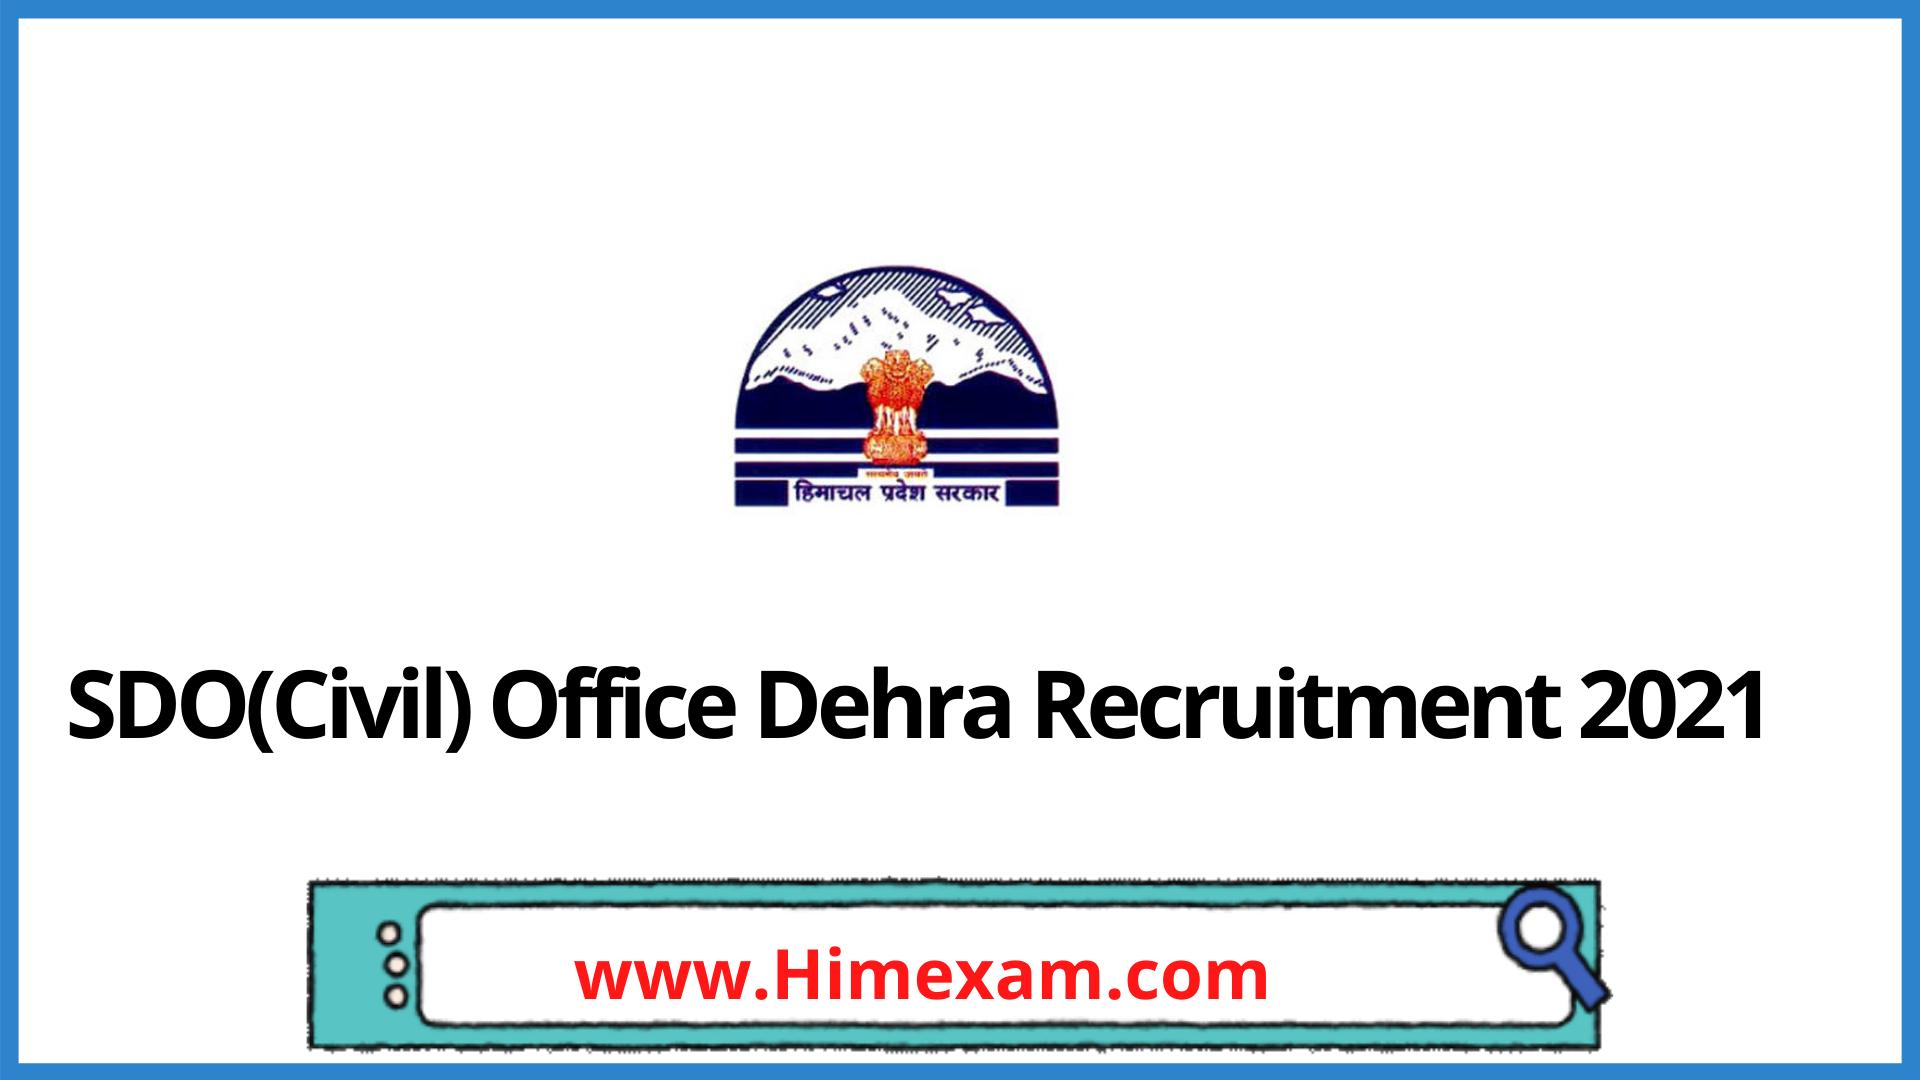 SDO(Civil) Office Dehra Recruitment 2021